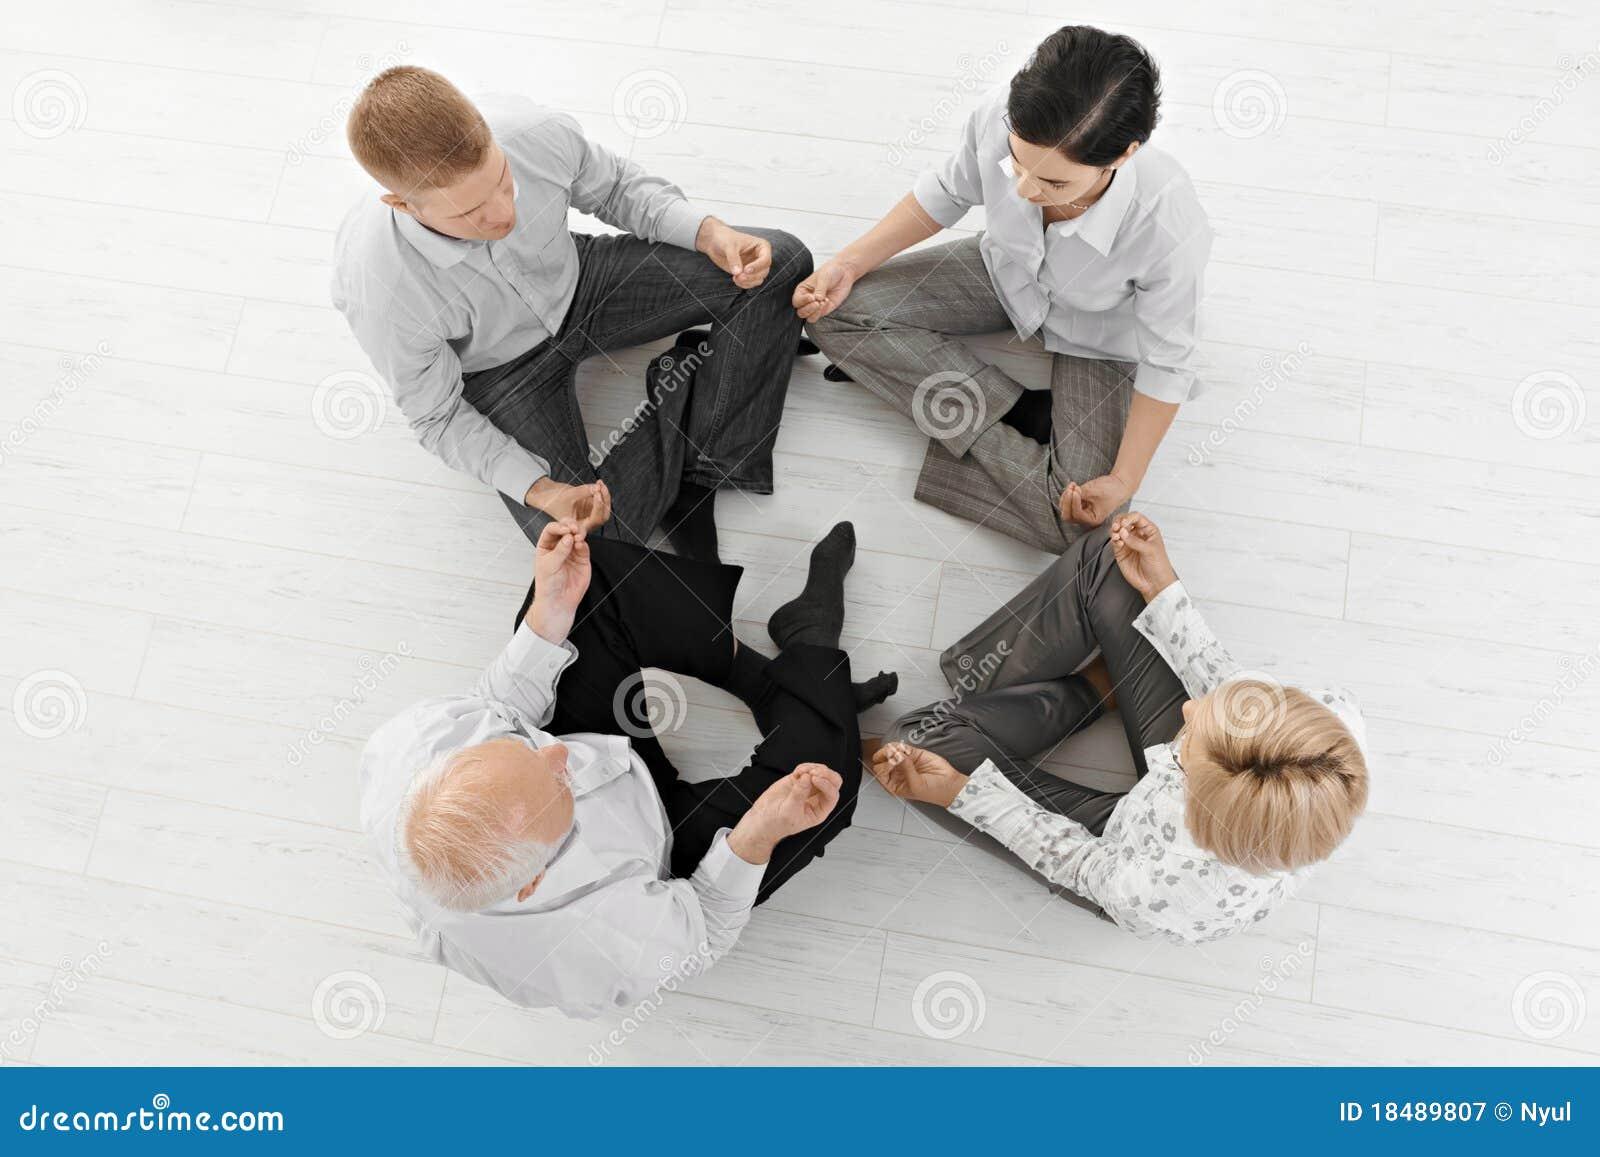 Businessteam doing meditation yoga